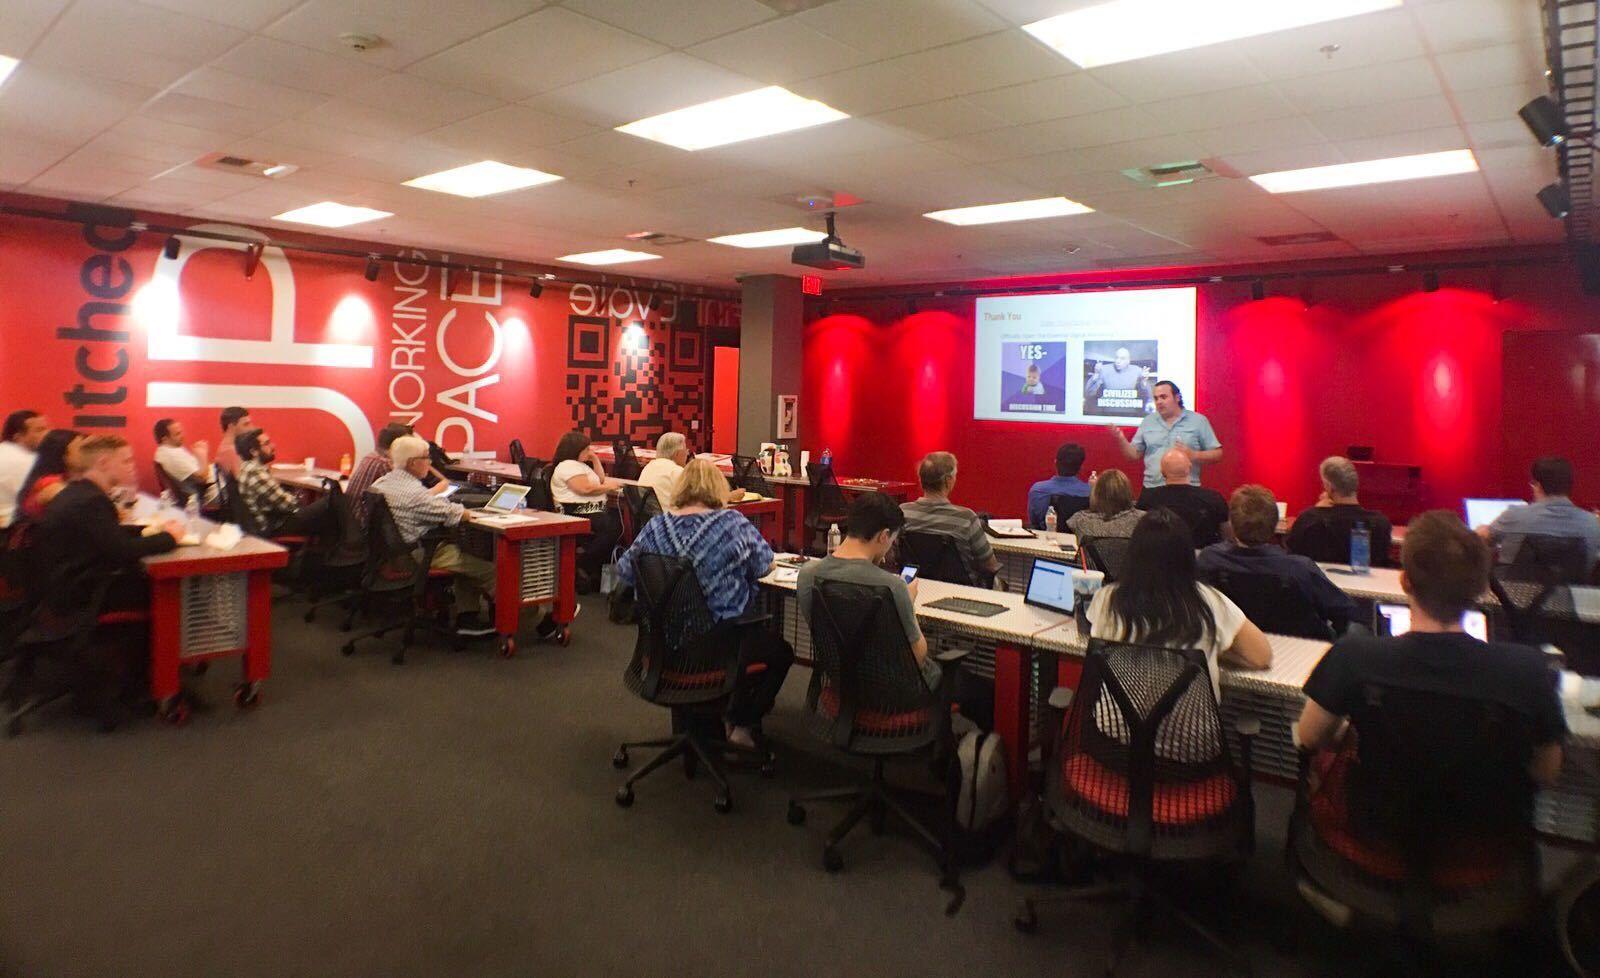 Las Vegas Digital Marketing & Online Sales Group